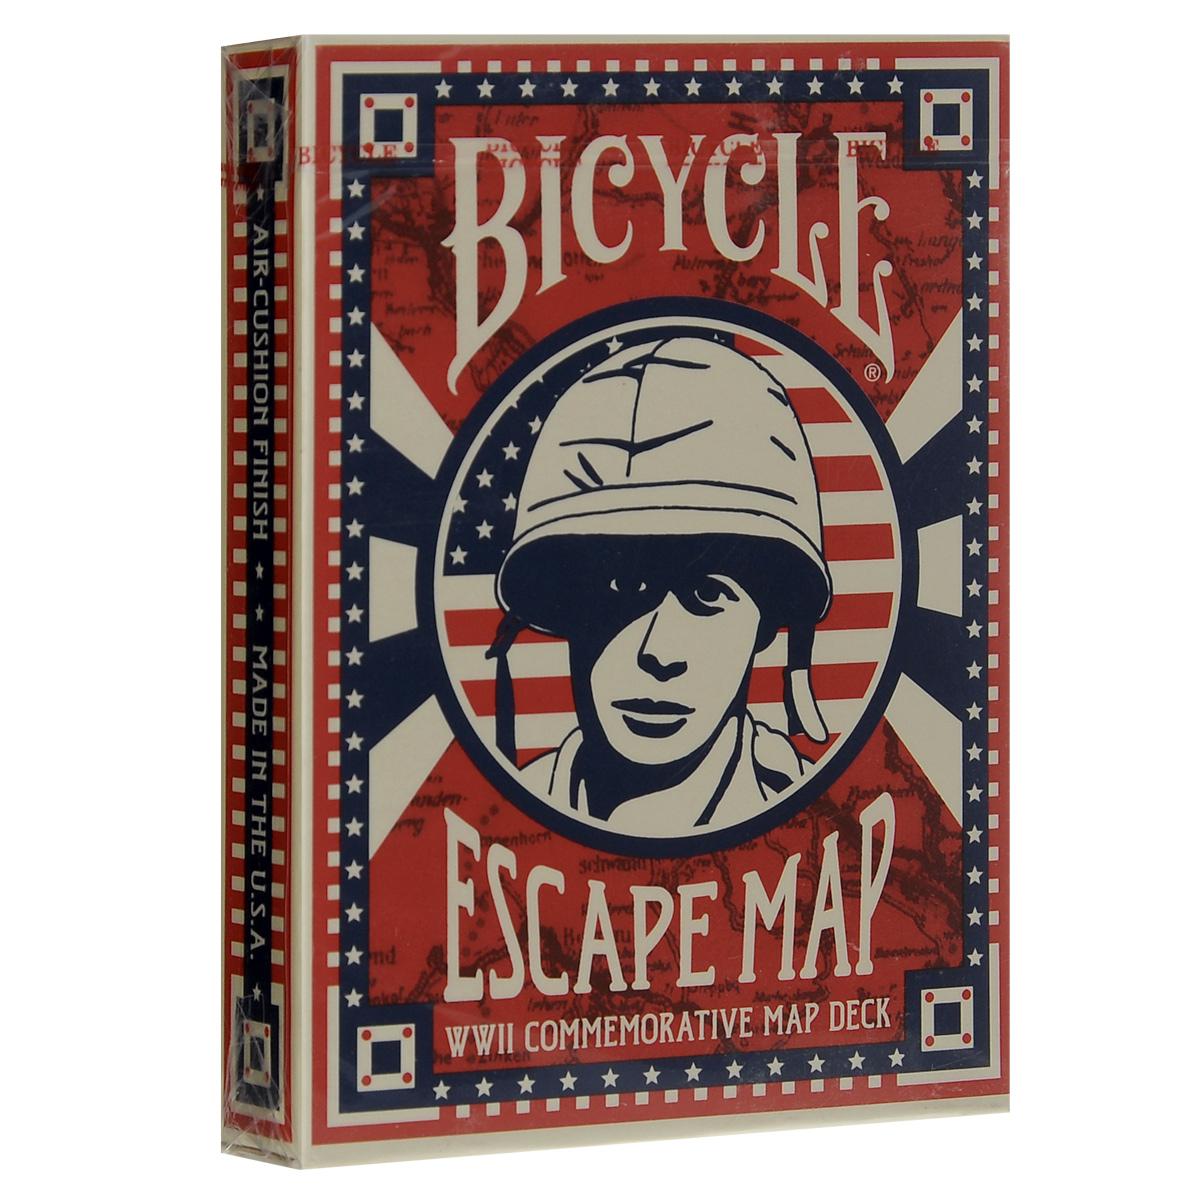 Игральные карты Bicycle Escape Map, цвет: красный, синийК-321Во время Второй Мировой войны United States Playing Card Company объединила усилия с американскими и британскими спецслужбами, чтобы создать совершенно особую колоду карт. Эта колода была создана, чтобы помочь союзным пленным сбежать из немецких концлагерей. Колода стала известна под названием Колода-карта. В ней были скрыты секретные пути эвакуации. Когда на карты попадала вода, можно было увидеть второй слой - на котором и были скрыты драгоценные пути побега. Долгое время колода оставалась секретной. Один демонстрационный экземпляр есть в музее шпионажа в Вашингтоне, округ Колумбия, и другой - в частных руках. Перед вами репродукция 1990 года.